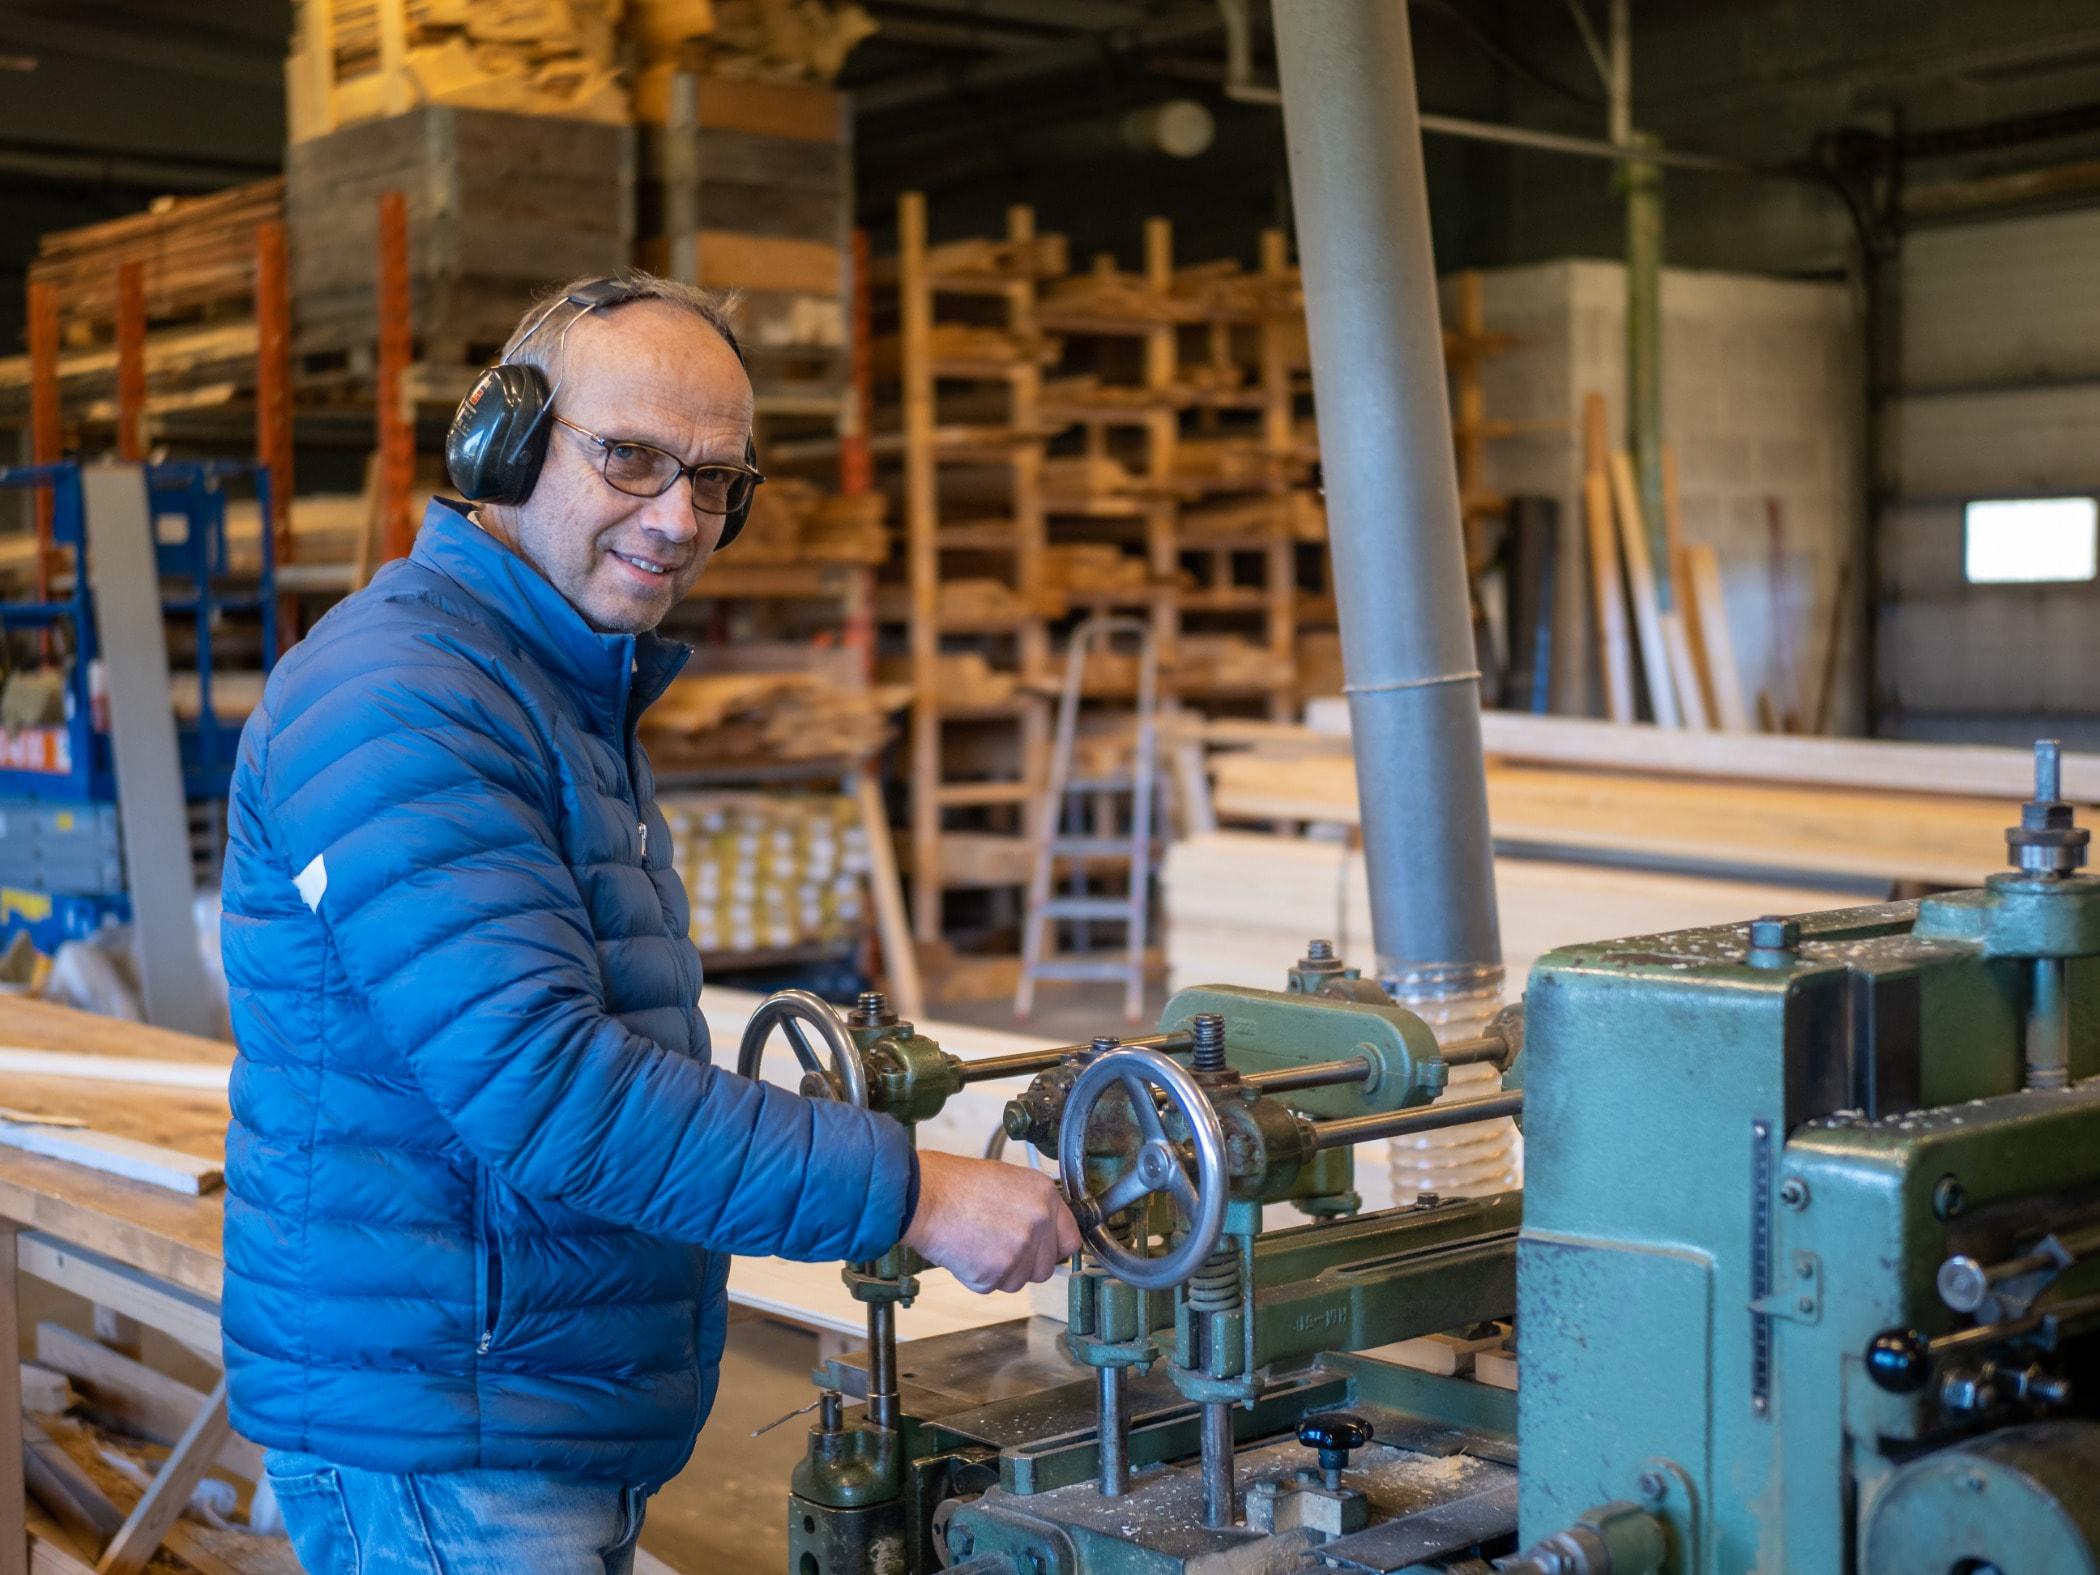 Blue-collar worker, Factory, Machine